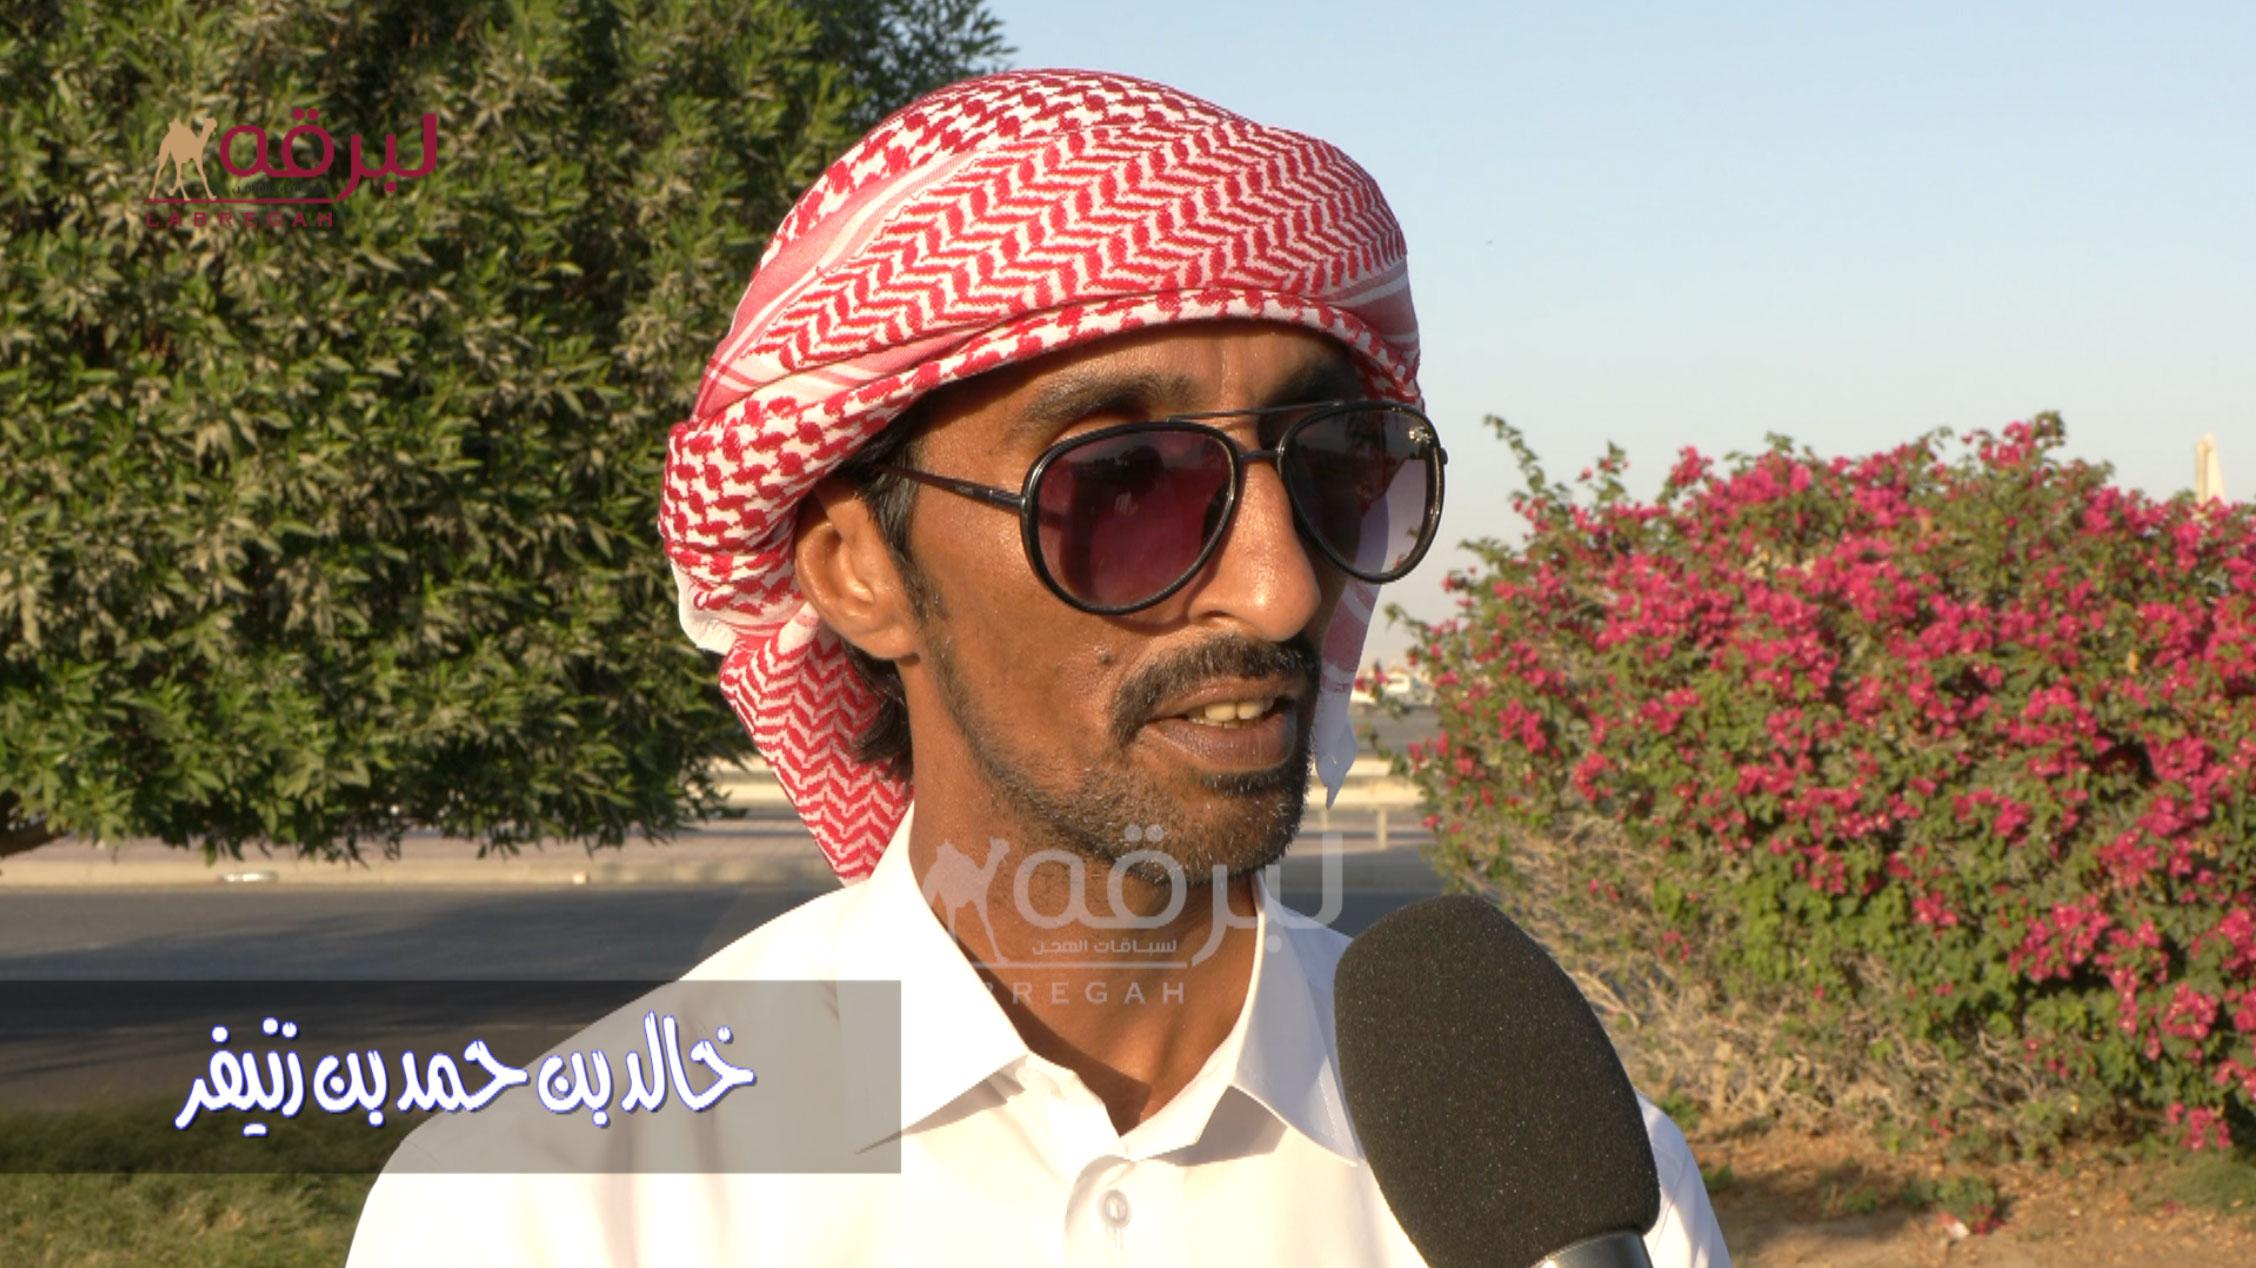 لقاء مع خالد بن حمد بن زنيفر.. الشوط الرئيسي للجذاع بكار (عمانيات) الأشواط العامة  ٢٣-١٠-٢٠٢١